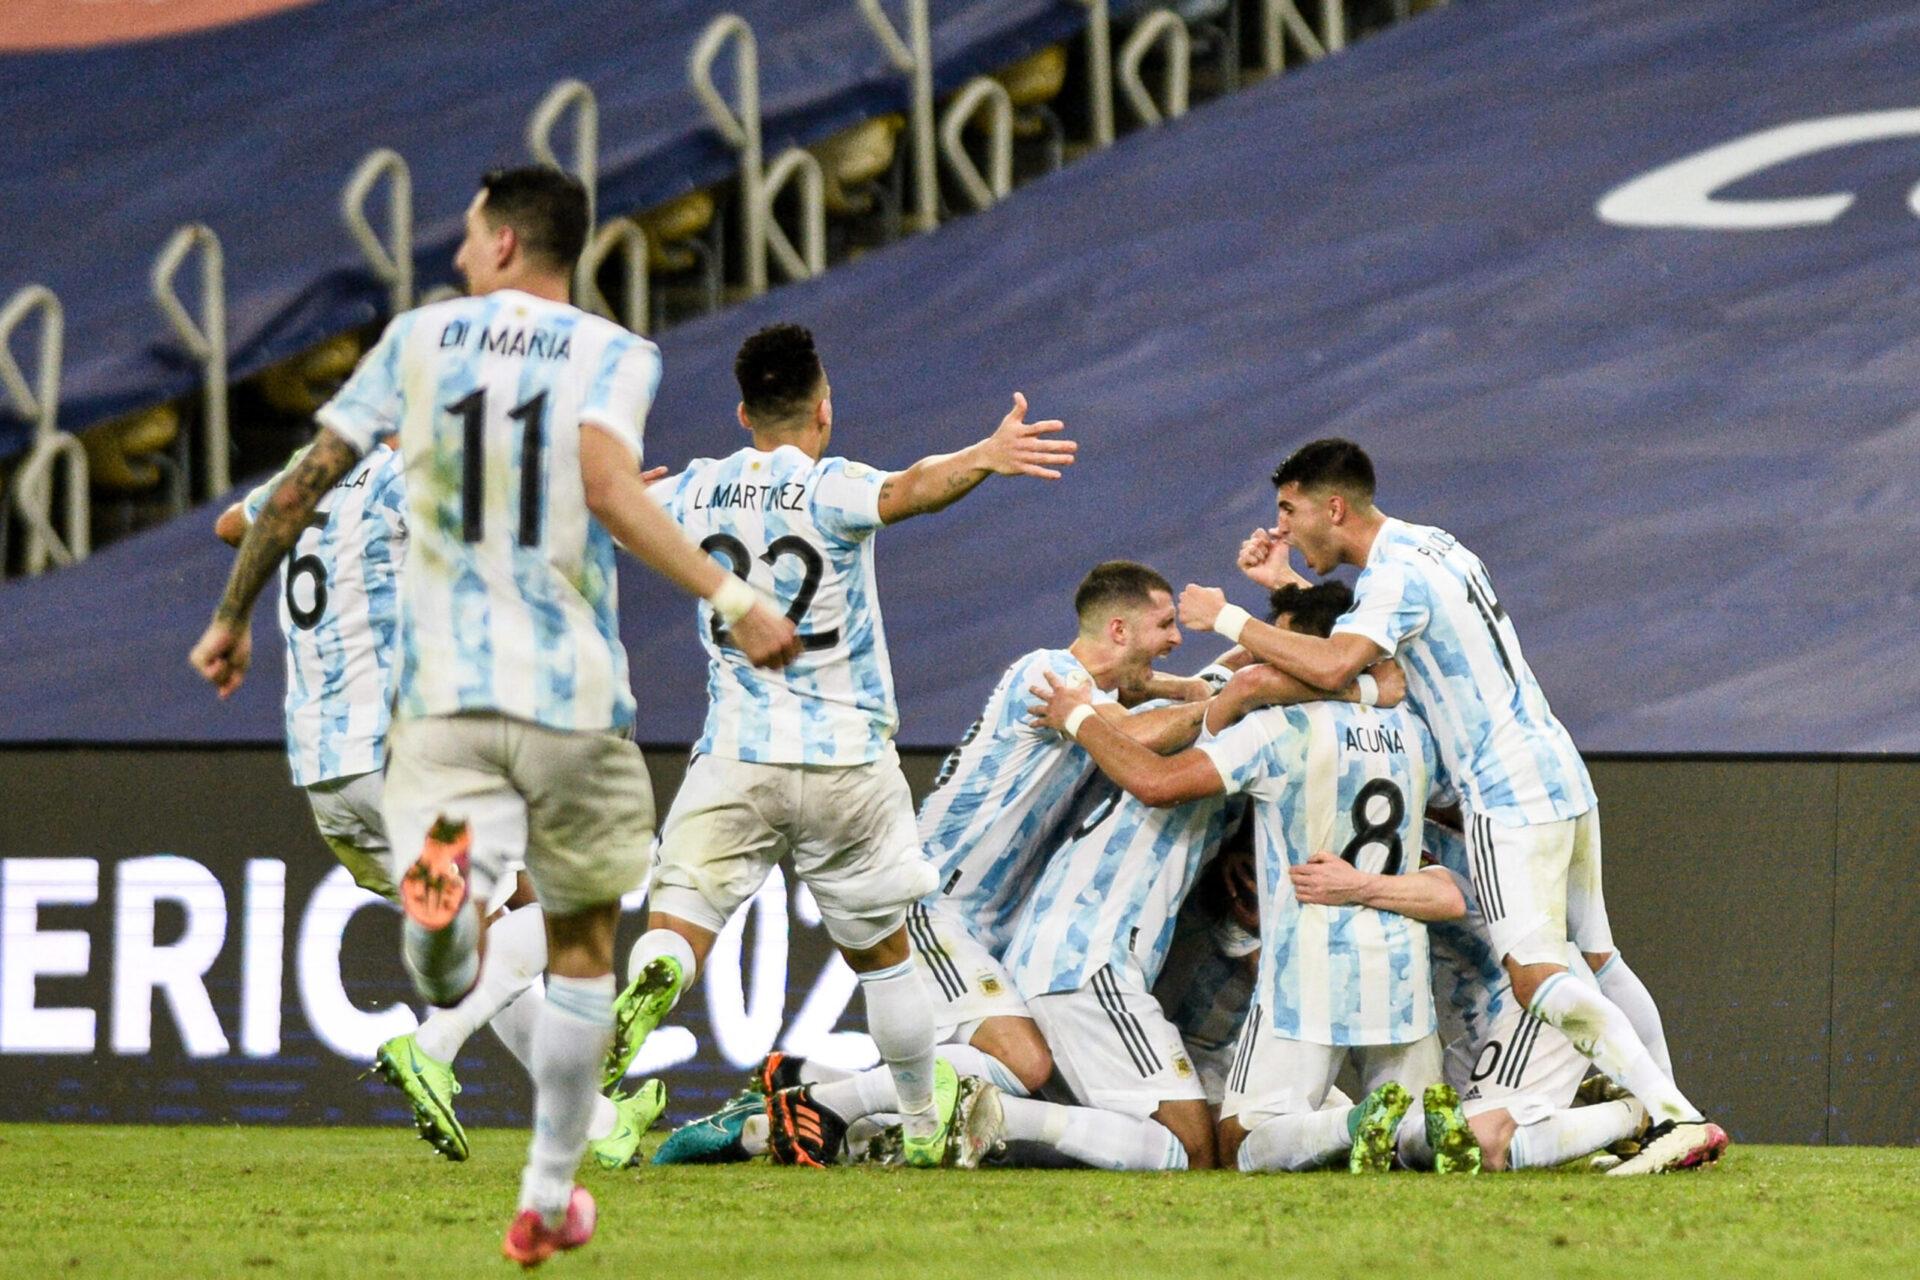 L'Argentine de Leo Messi a remporté la Copa América face au Brésil. Icon Sport